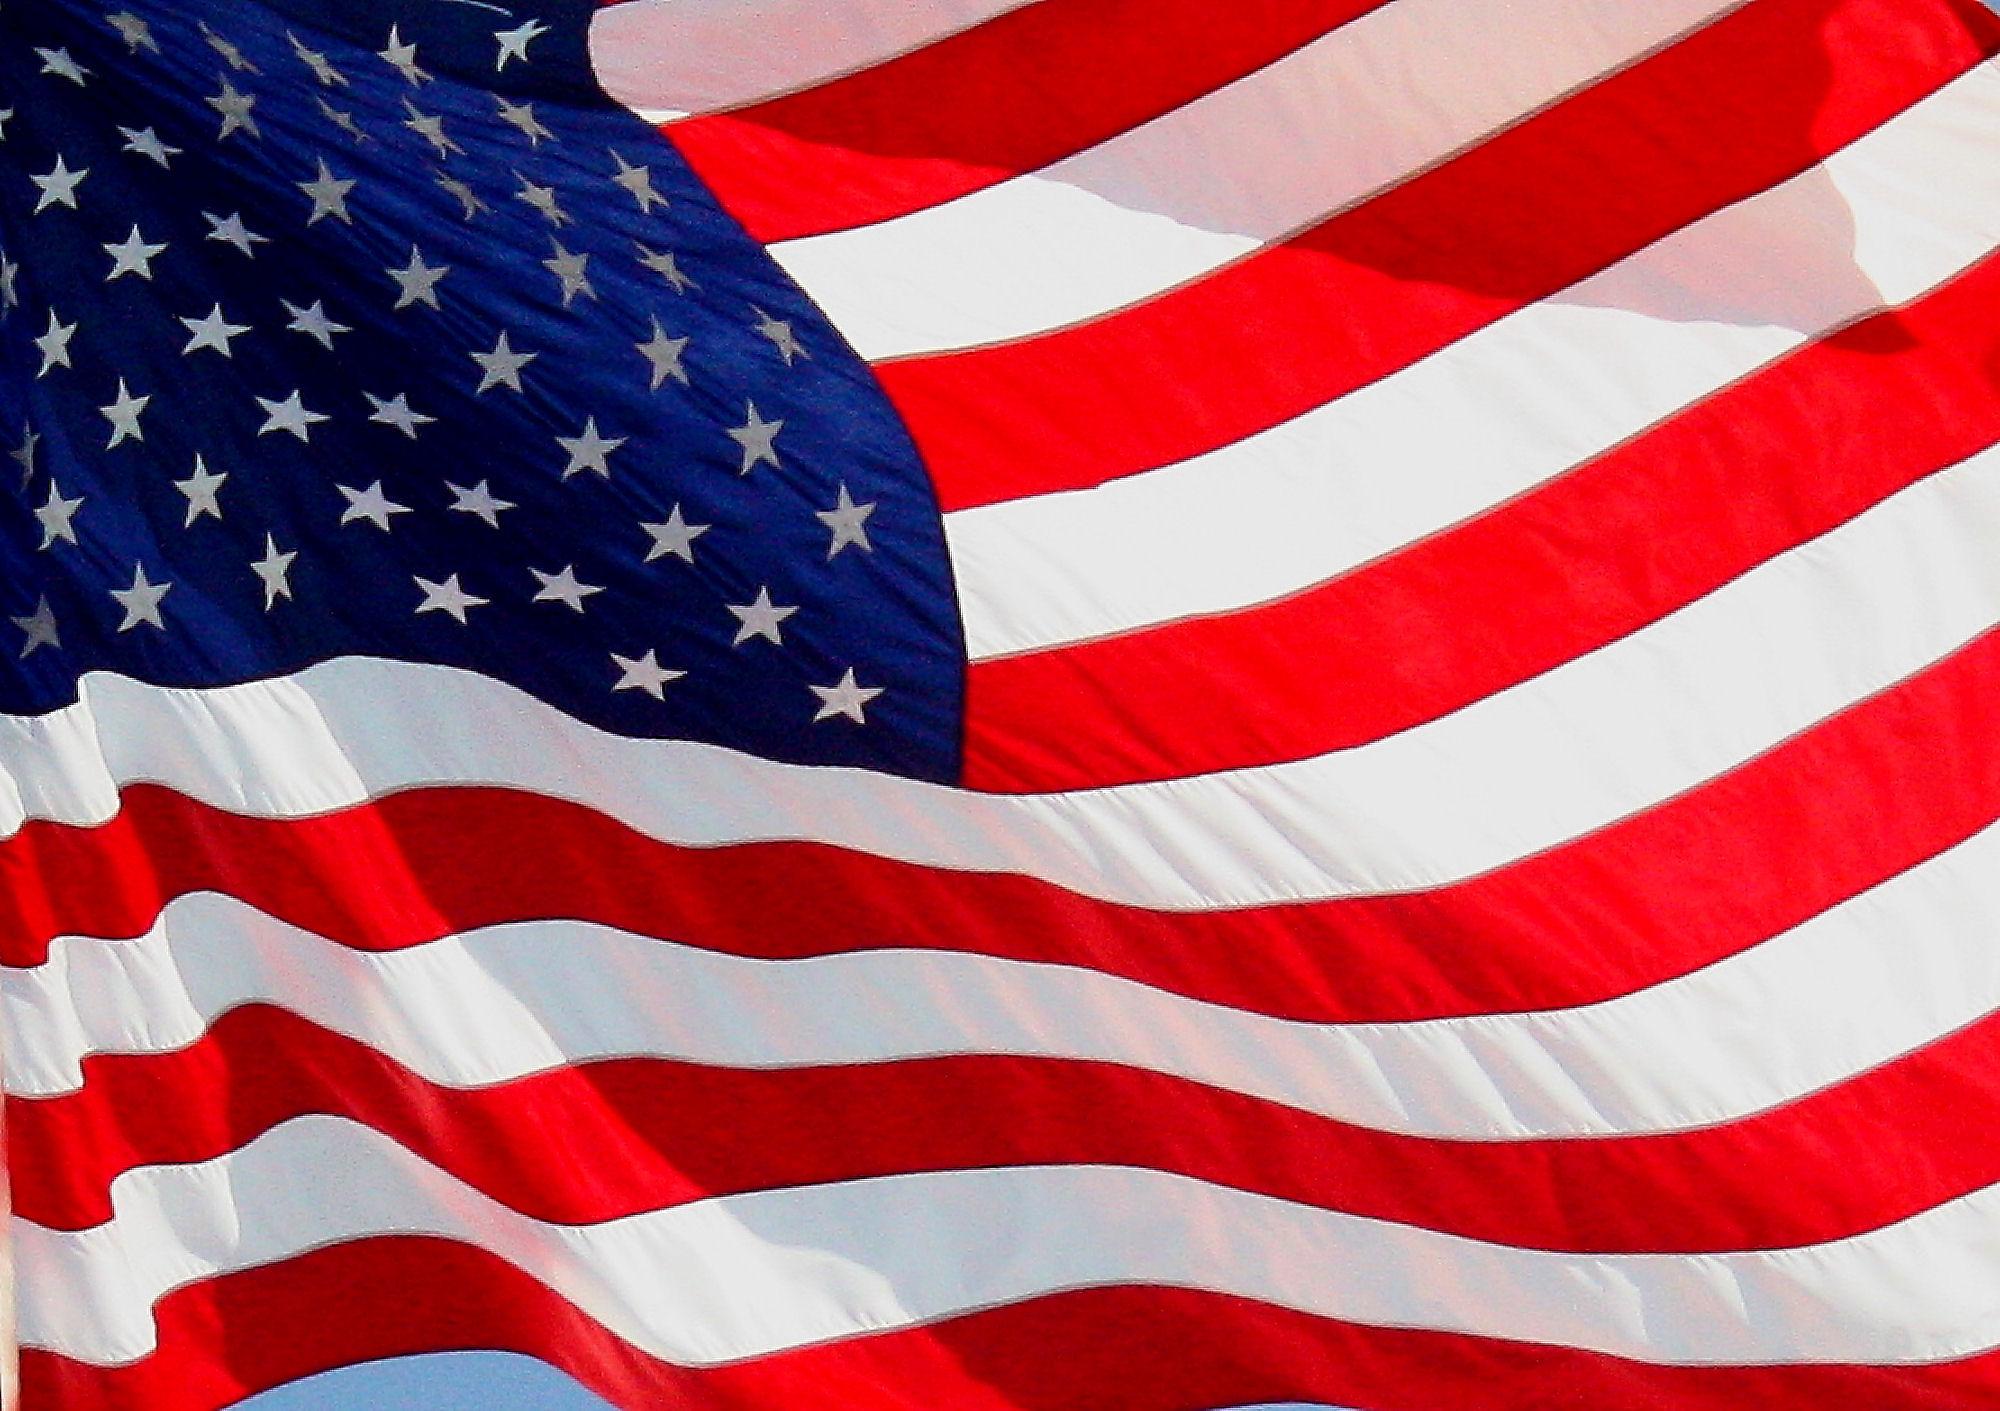 Usa Flag Background   wwwproteckmachinerycom 2000x1411